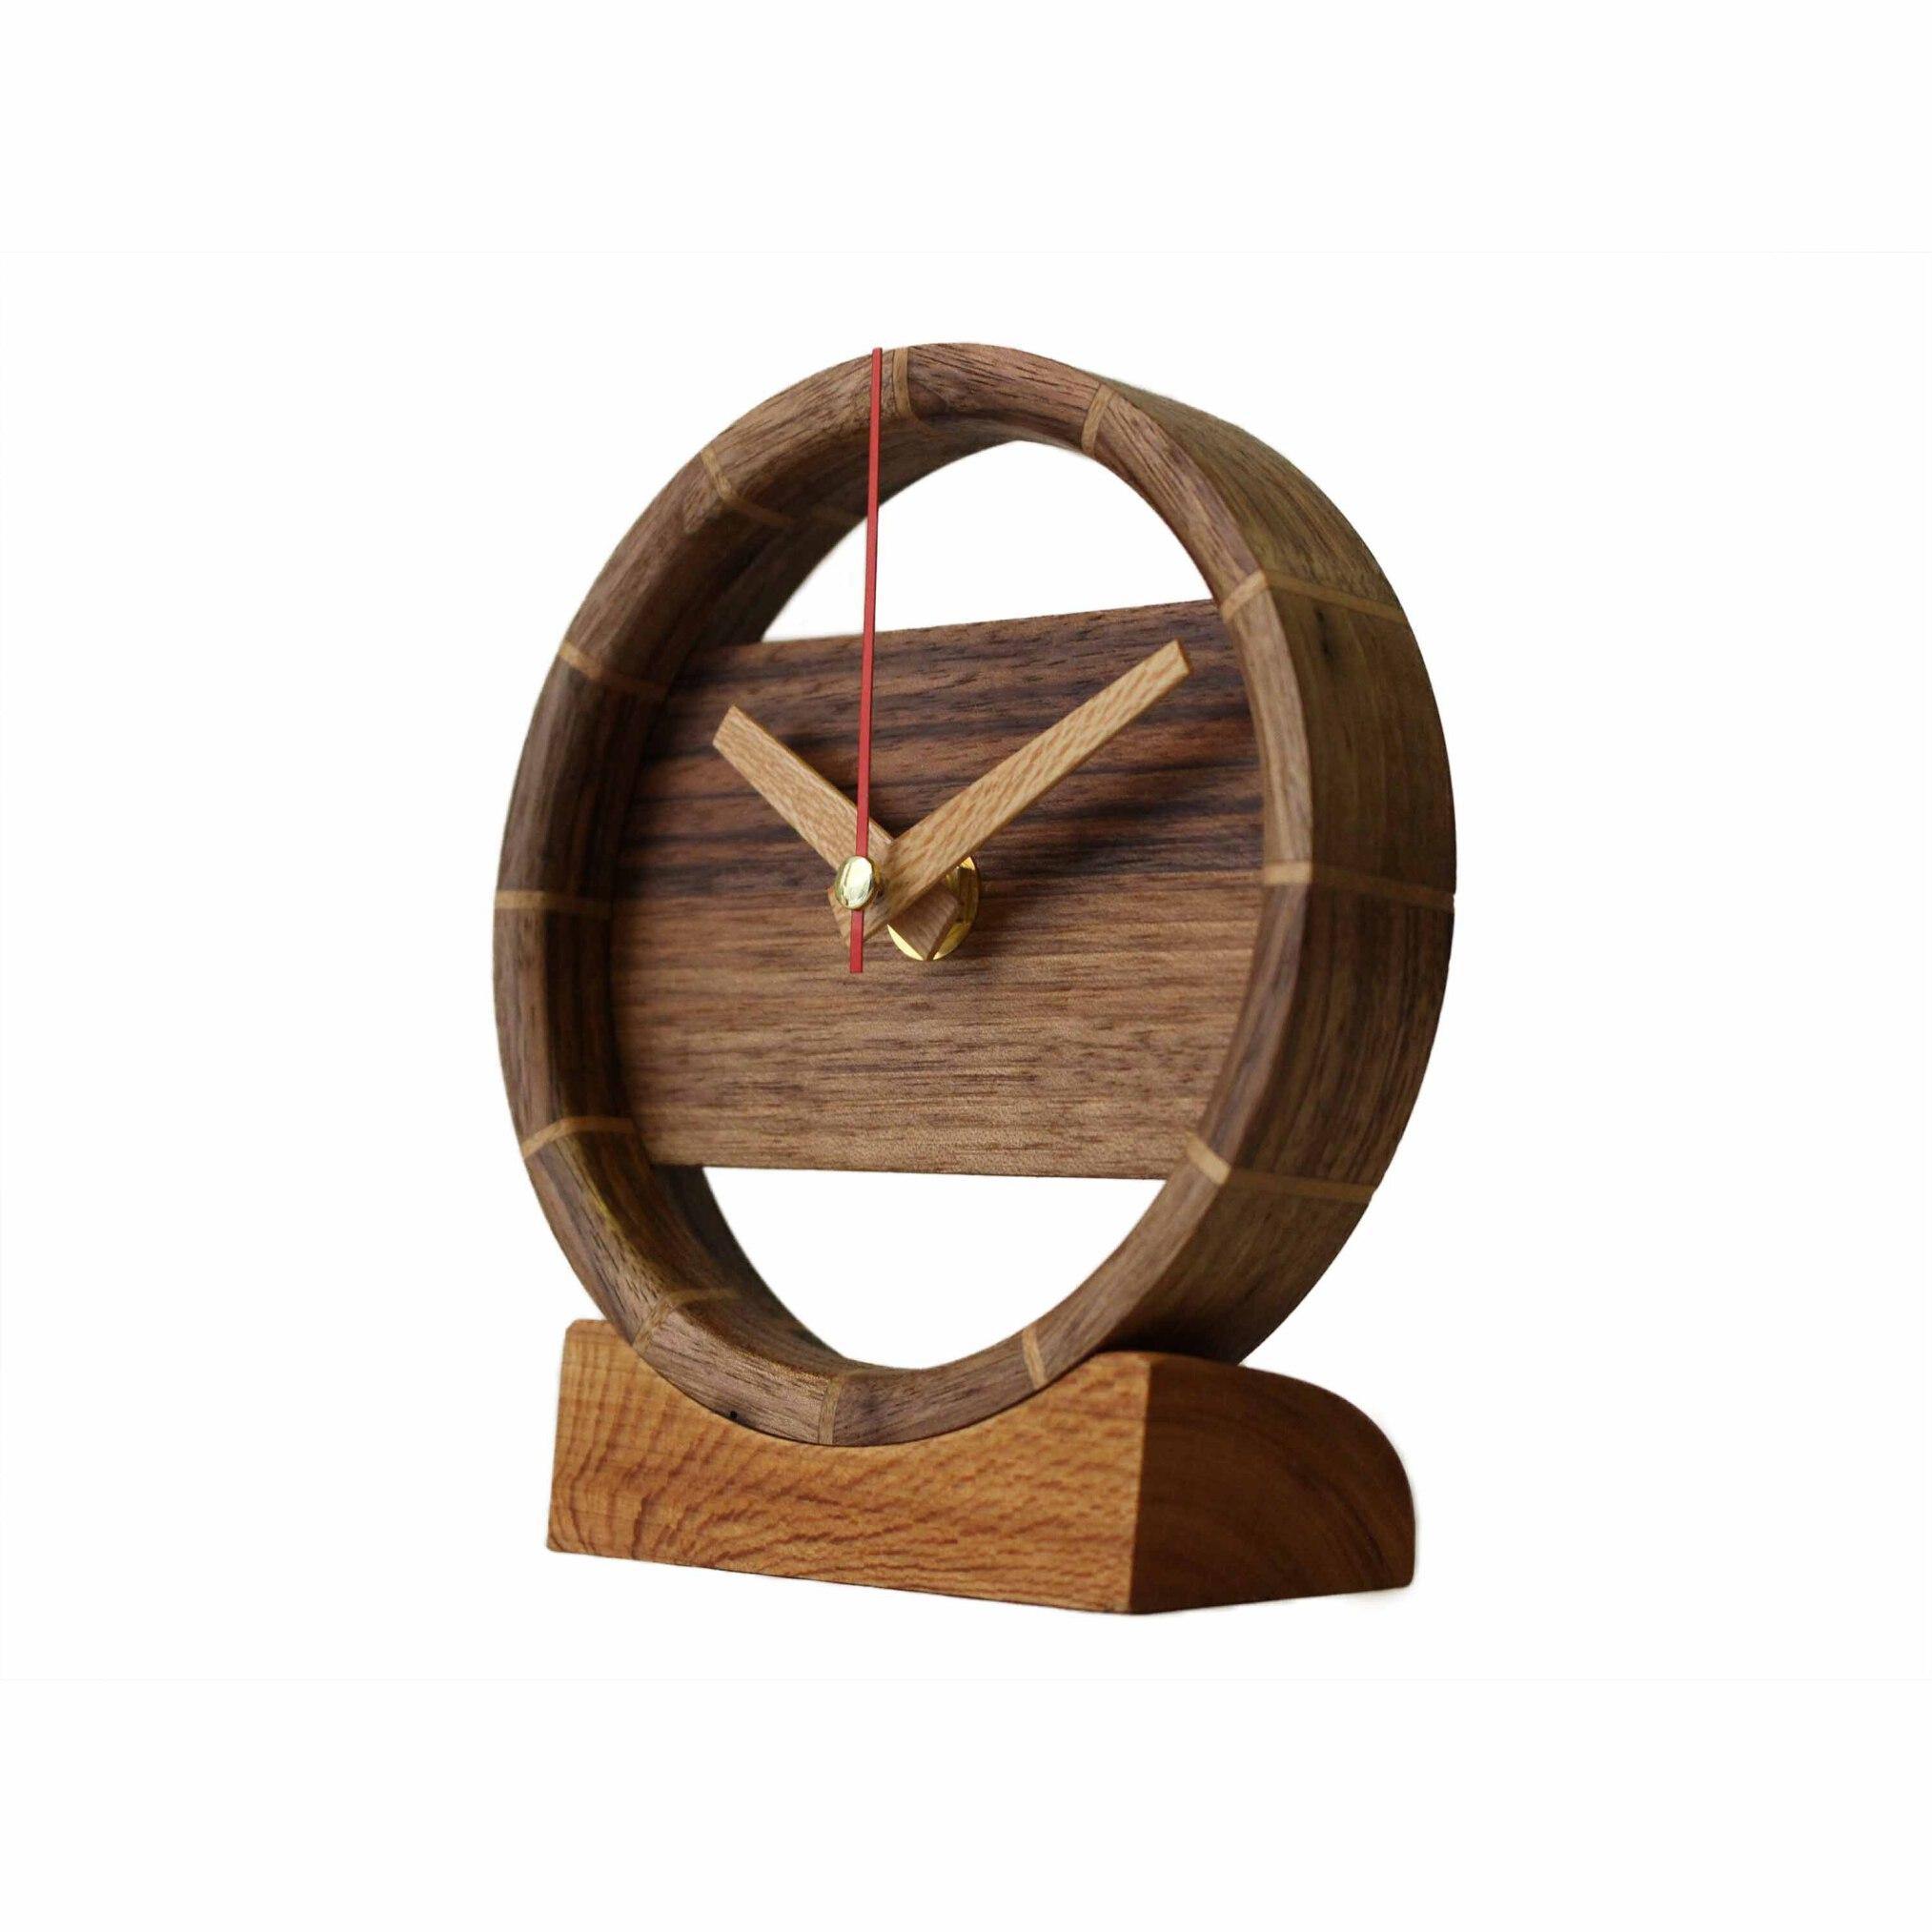 ساعت چوبی رومیزی ساخته شده از چوب چنار و گردو، ساعت کادویی